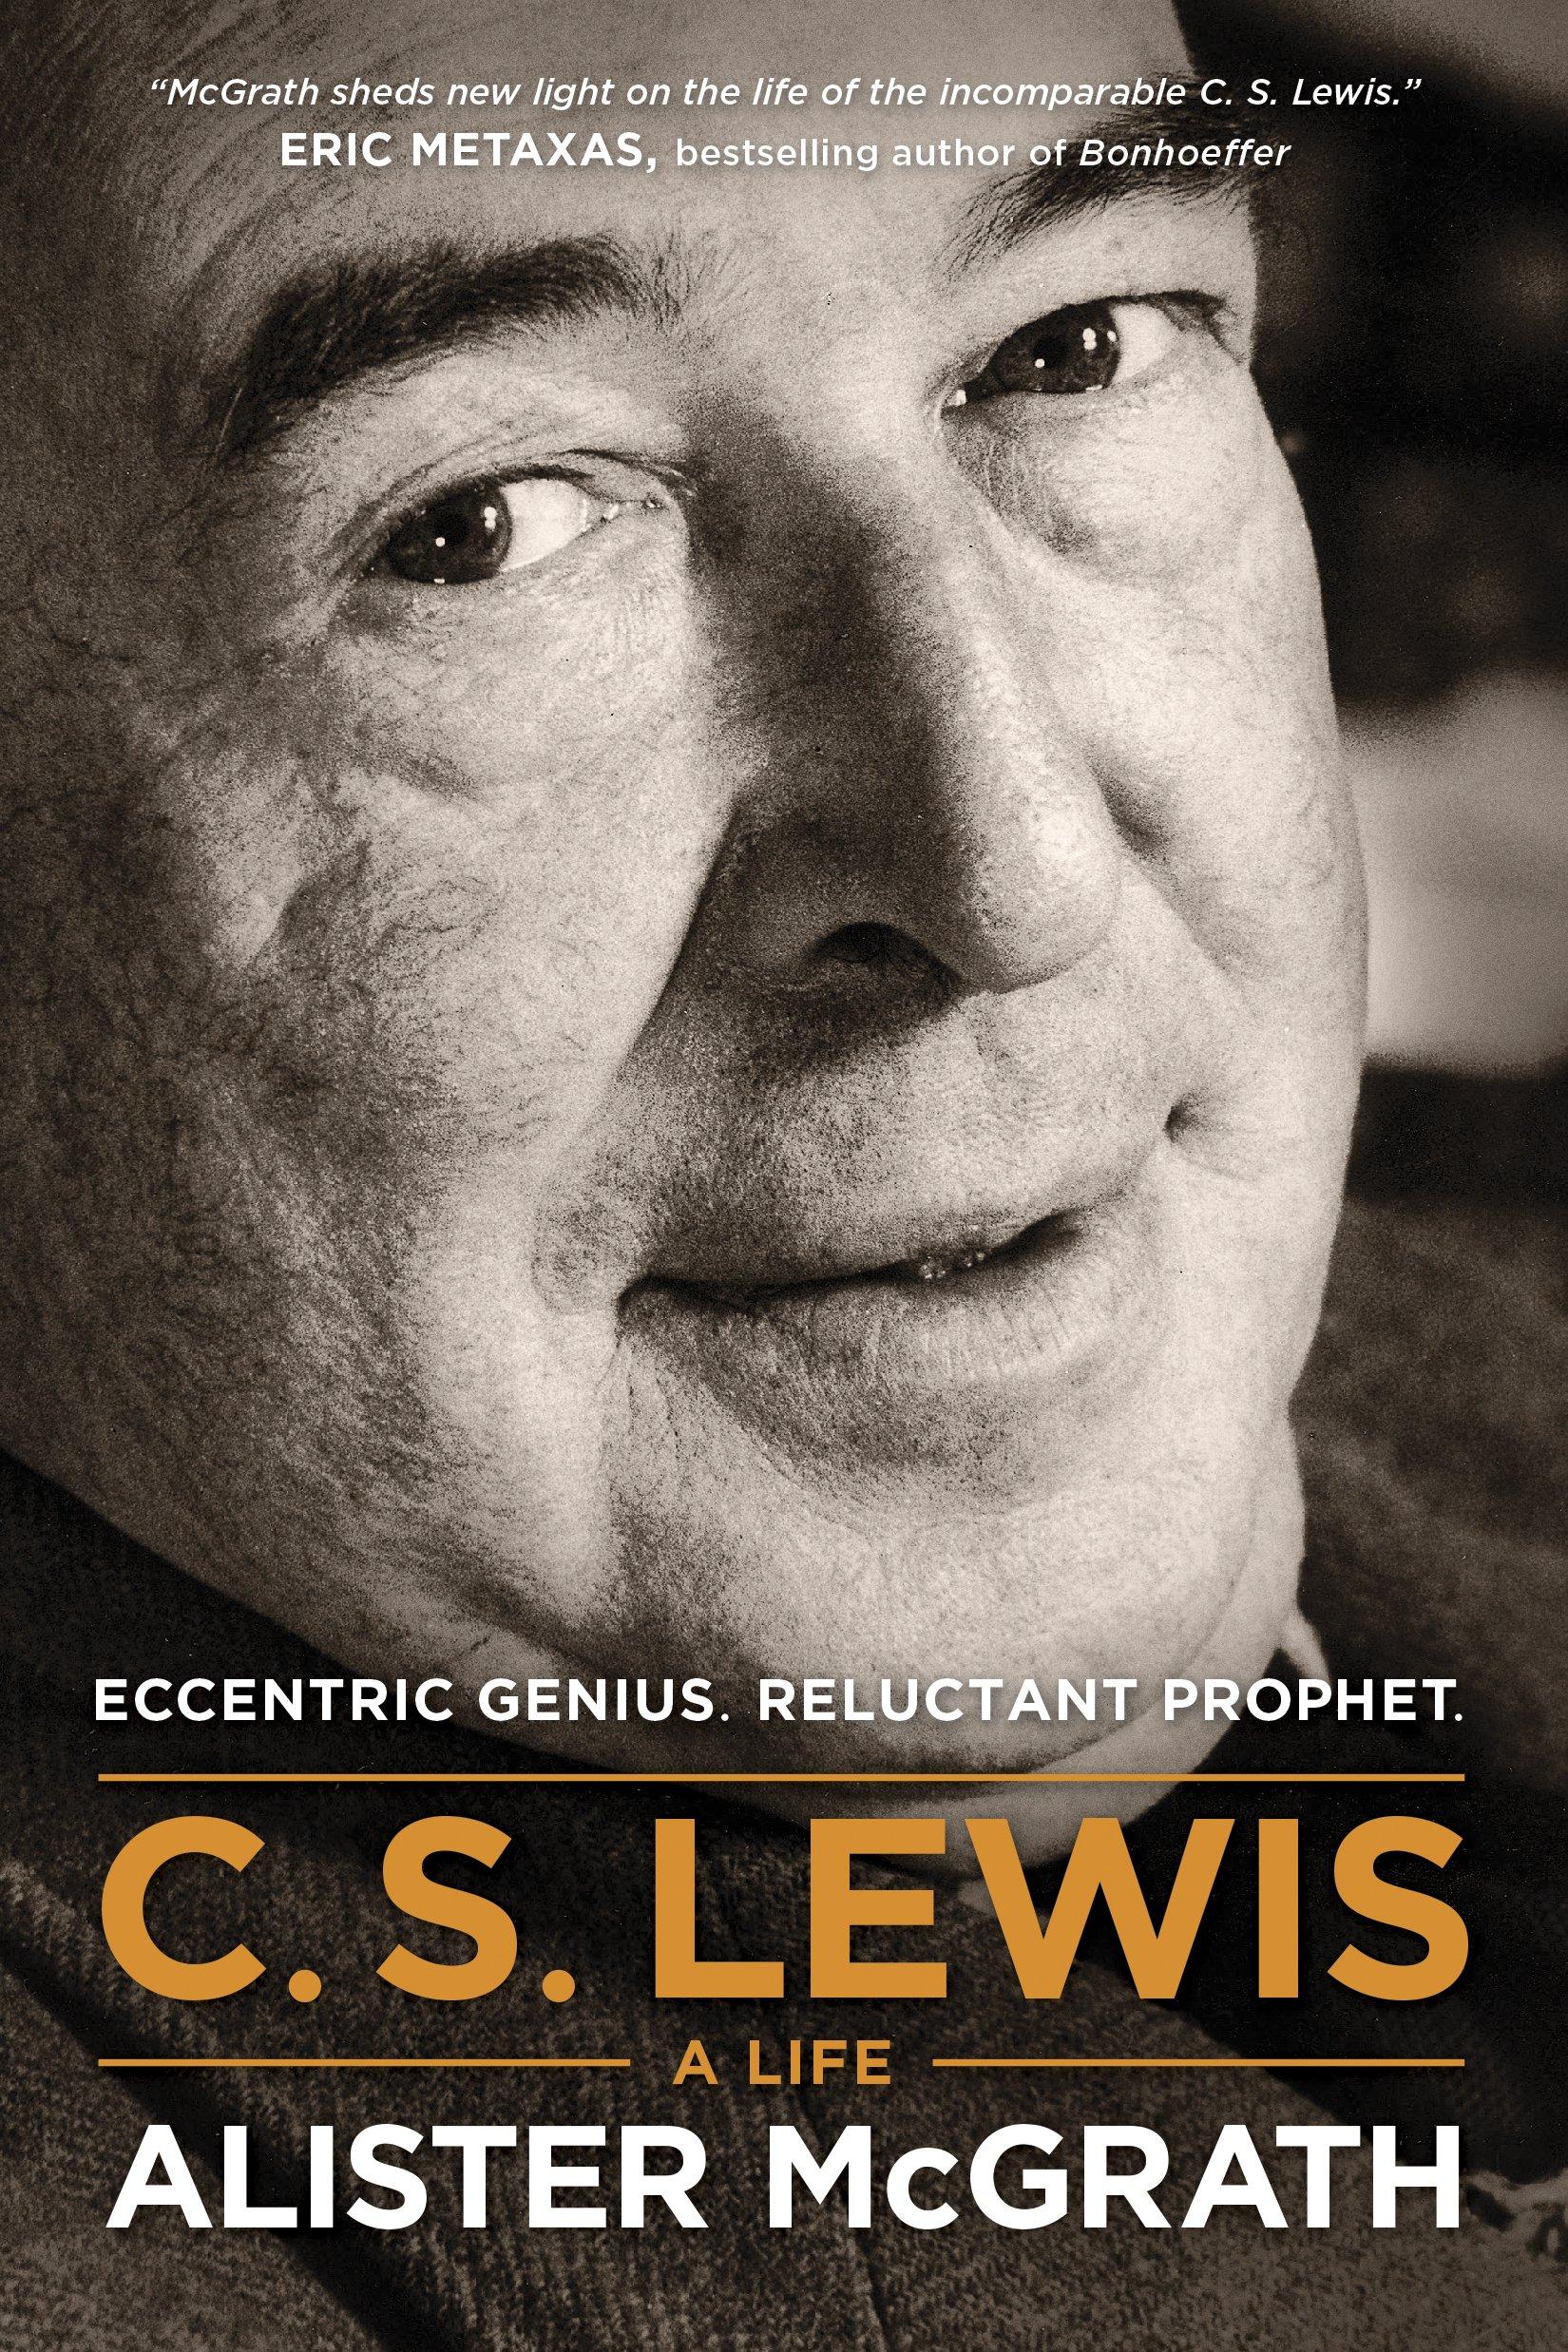 C s lewis a life eccentric genius reluctant prophet c s lewis a life eccentric genius reluctant prophet alister mcgrath 9781496410450 amazon books fandeluxe Images